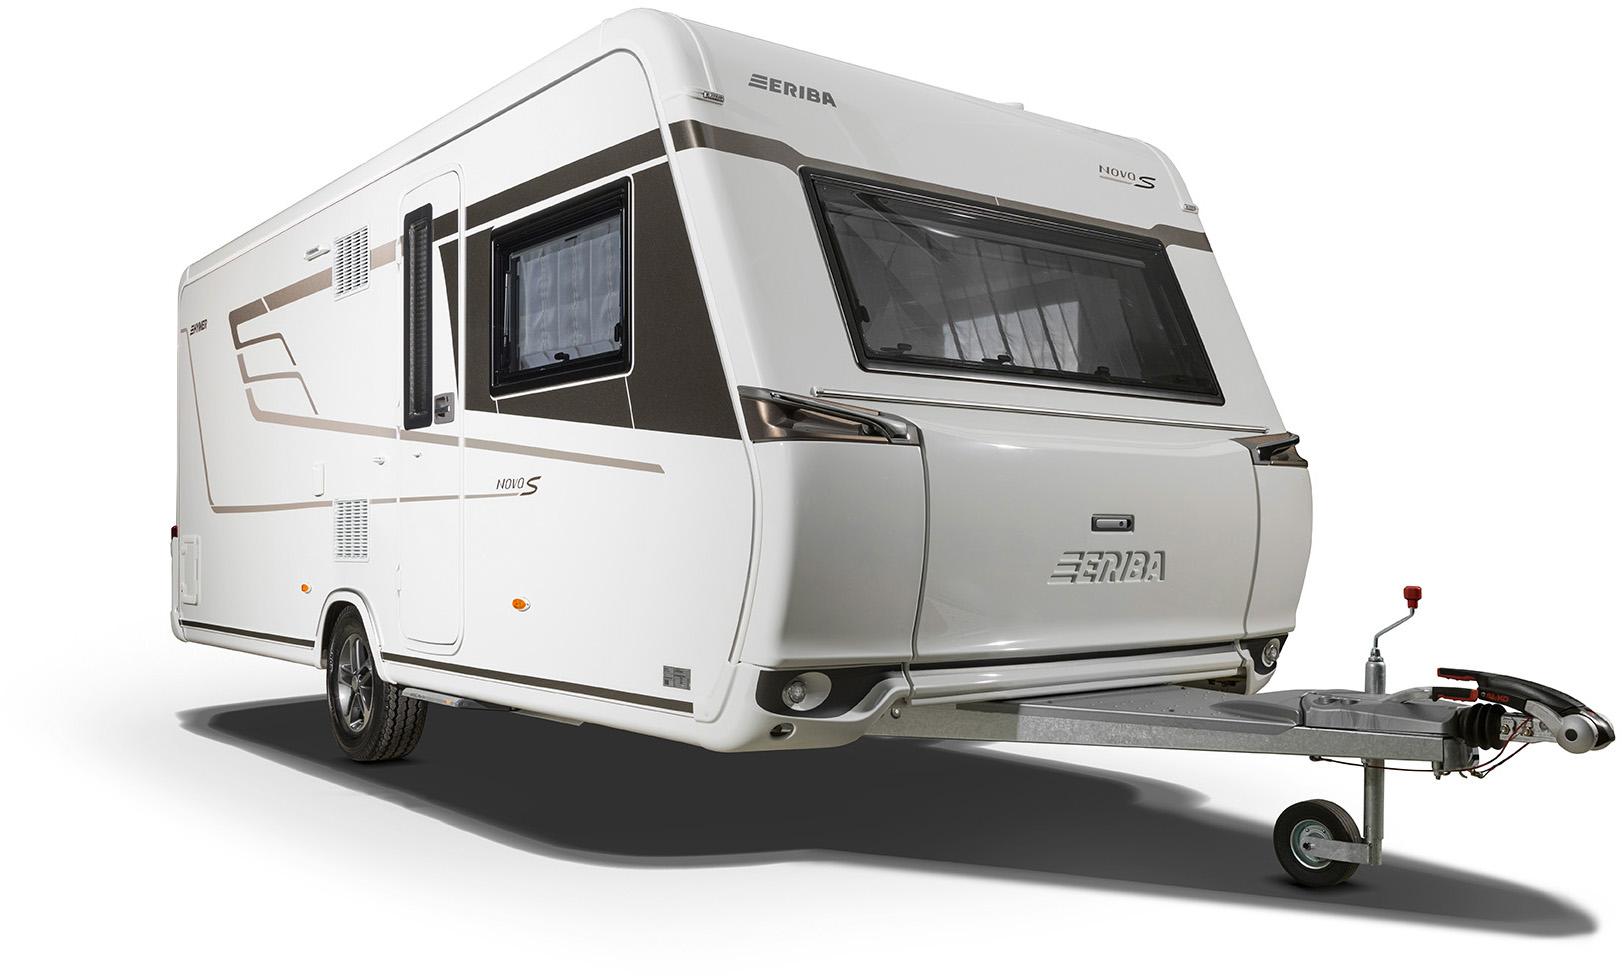 Wohnwagen Mit Etagenbett Und Separater Dusche : Hymer nova s caravan u wohnwagen bei wendt